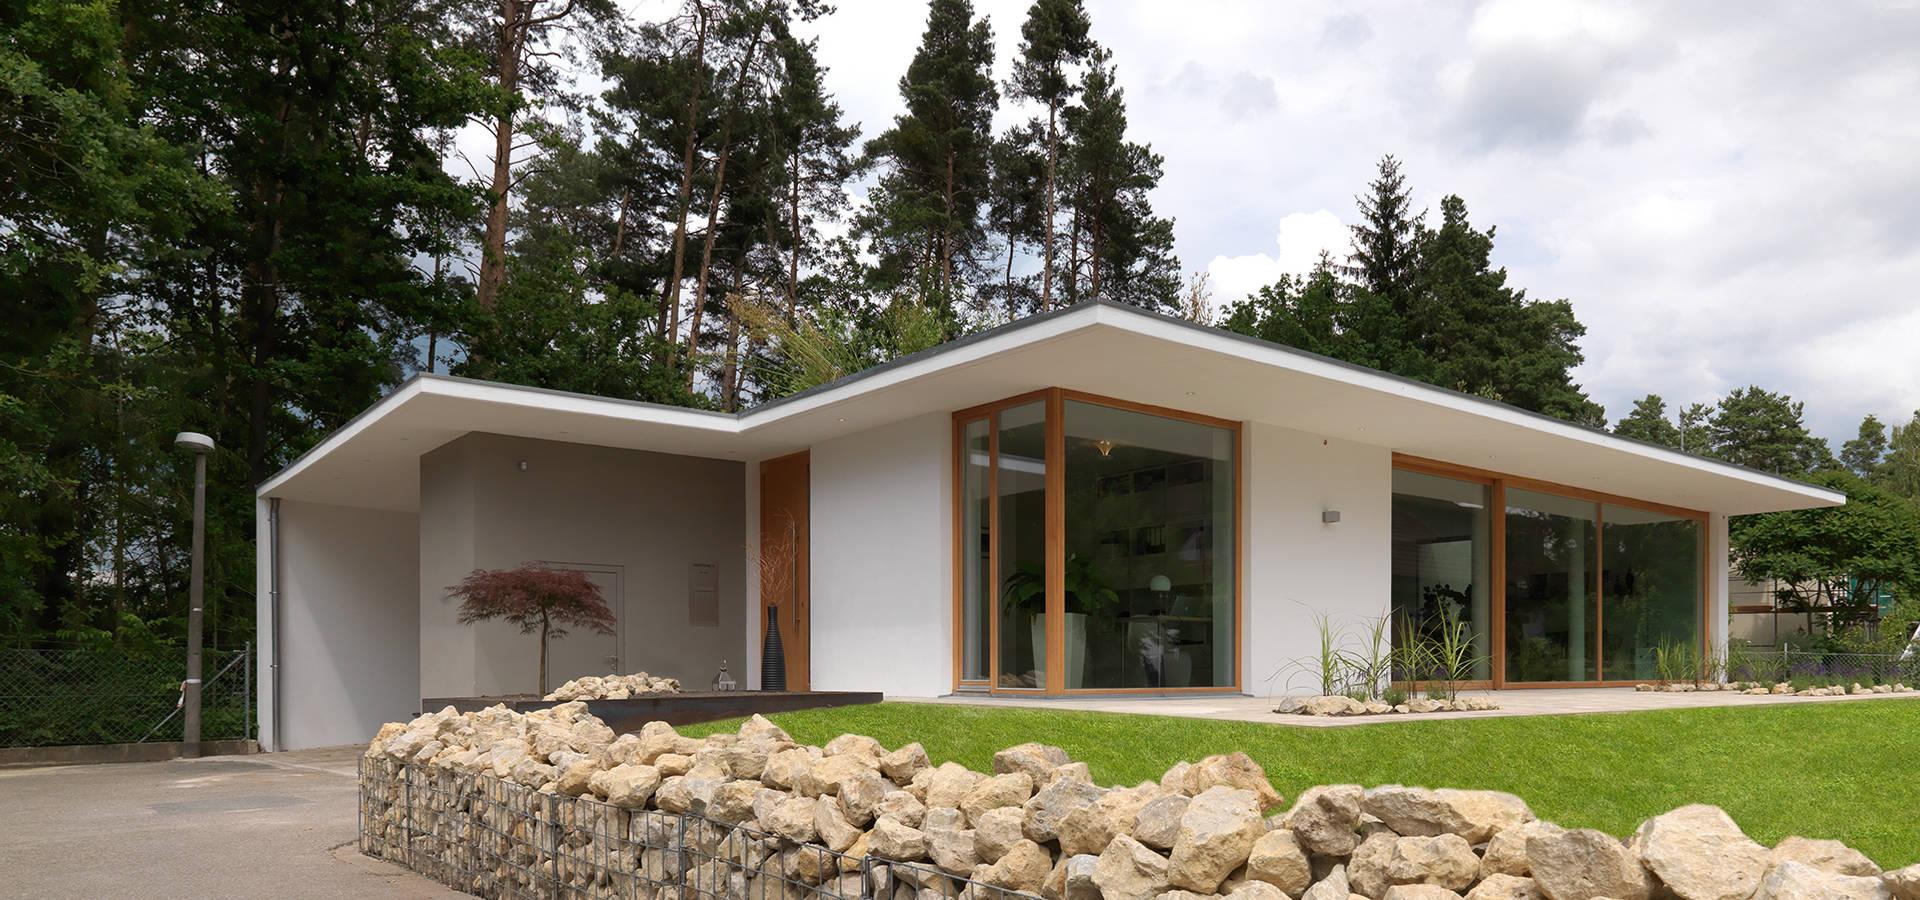 berm ller hauner architekturwerkstatt architekten in. Black Bedroom Furniture Sets. Home Design Ideas